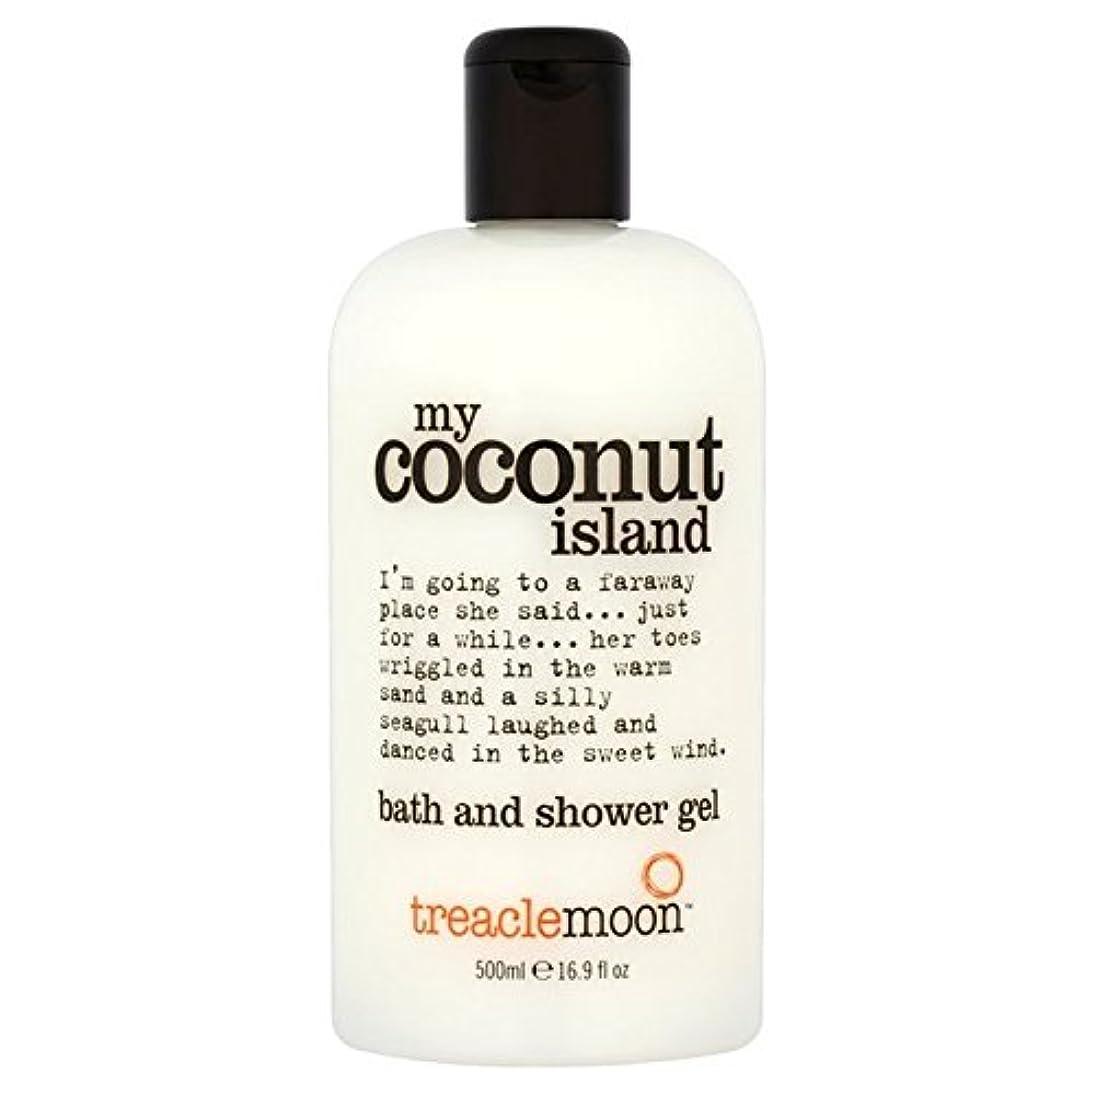 アニメーション減衰航海Treacle Moon Coconut Island Bath & Shower Gel 500ml - 糖蜜月ココナッツ島のバス&シャワージェル500ミリリットル [並行輸入品]